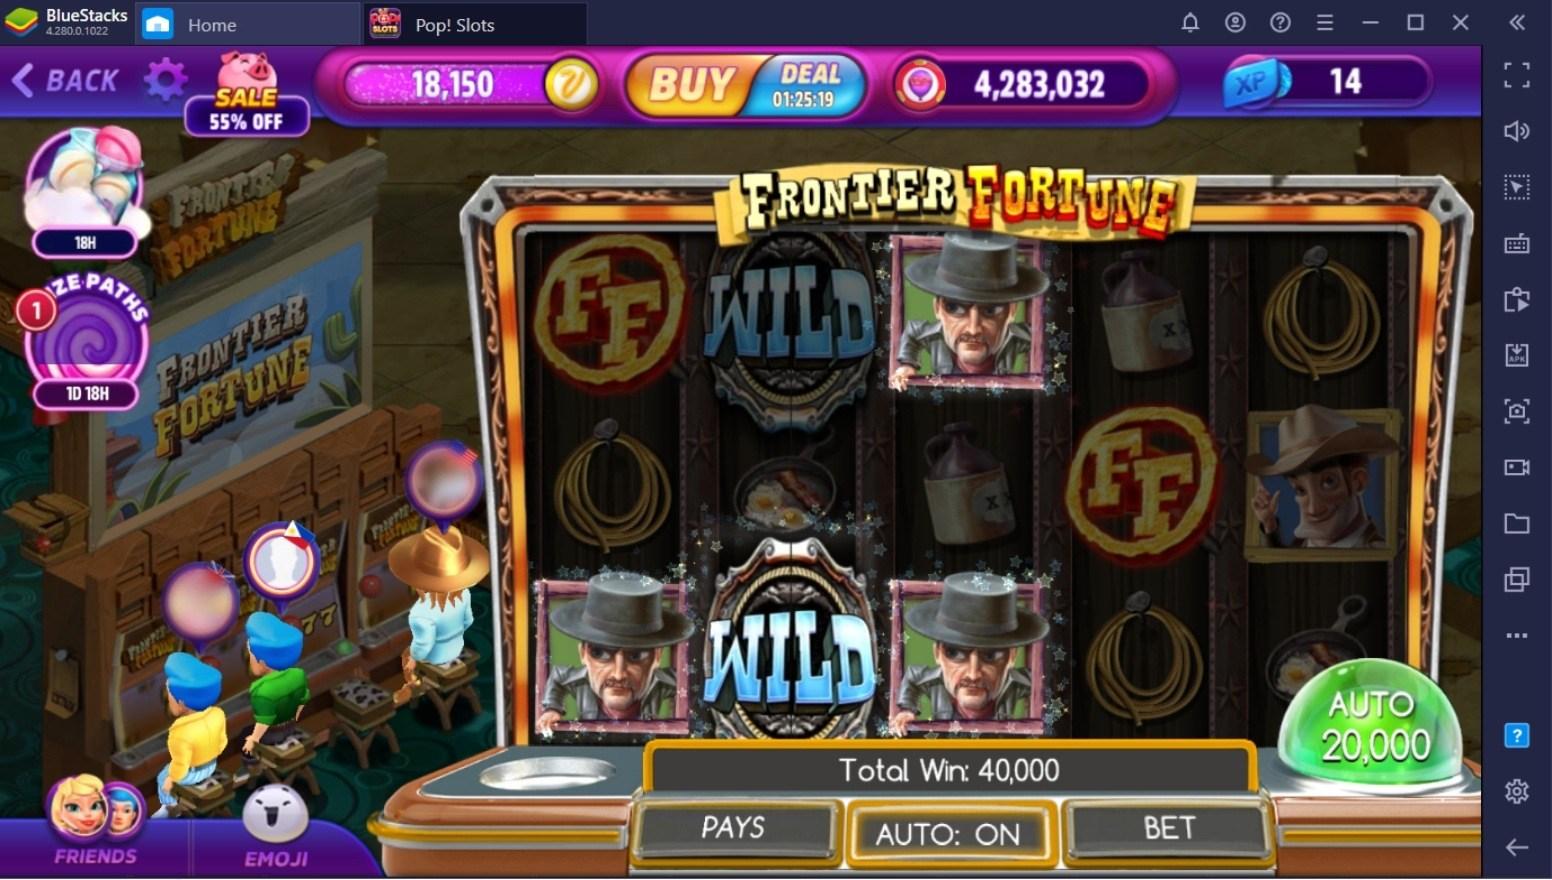 Le Guide du Débutant pour Jouer à POP! Slots Casino